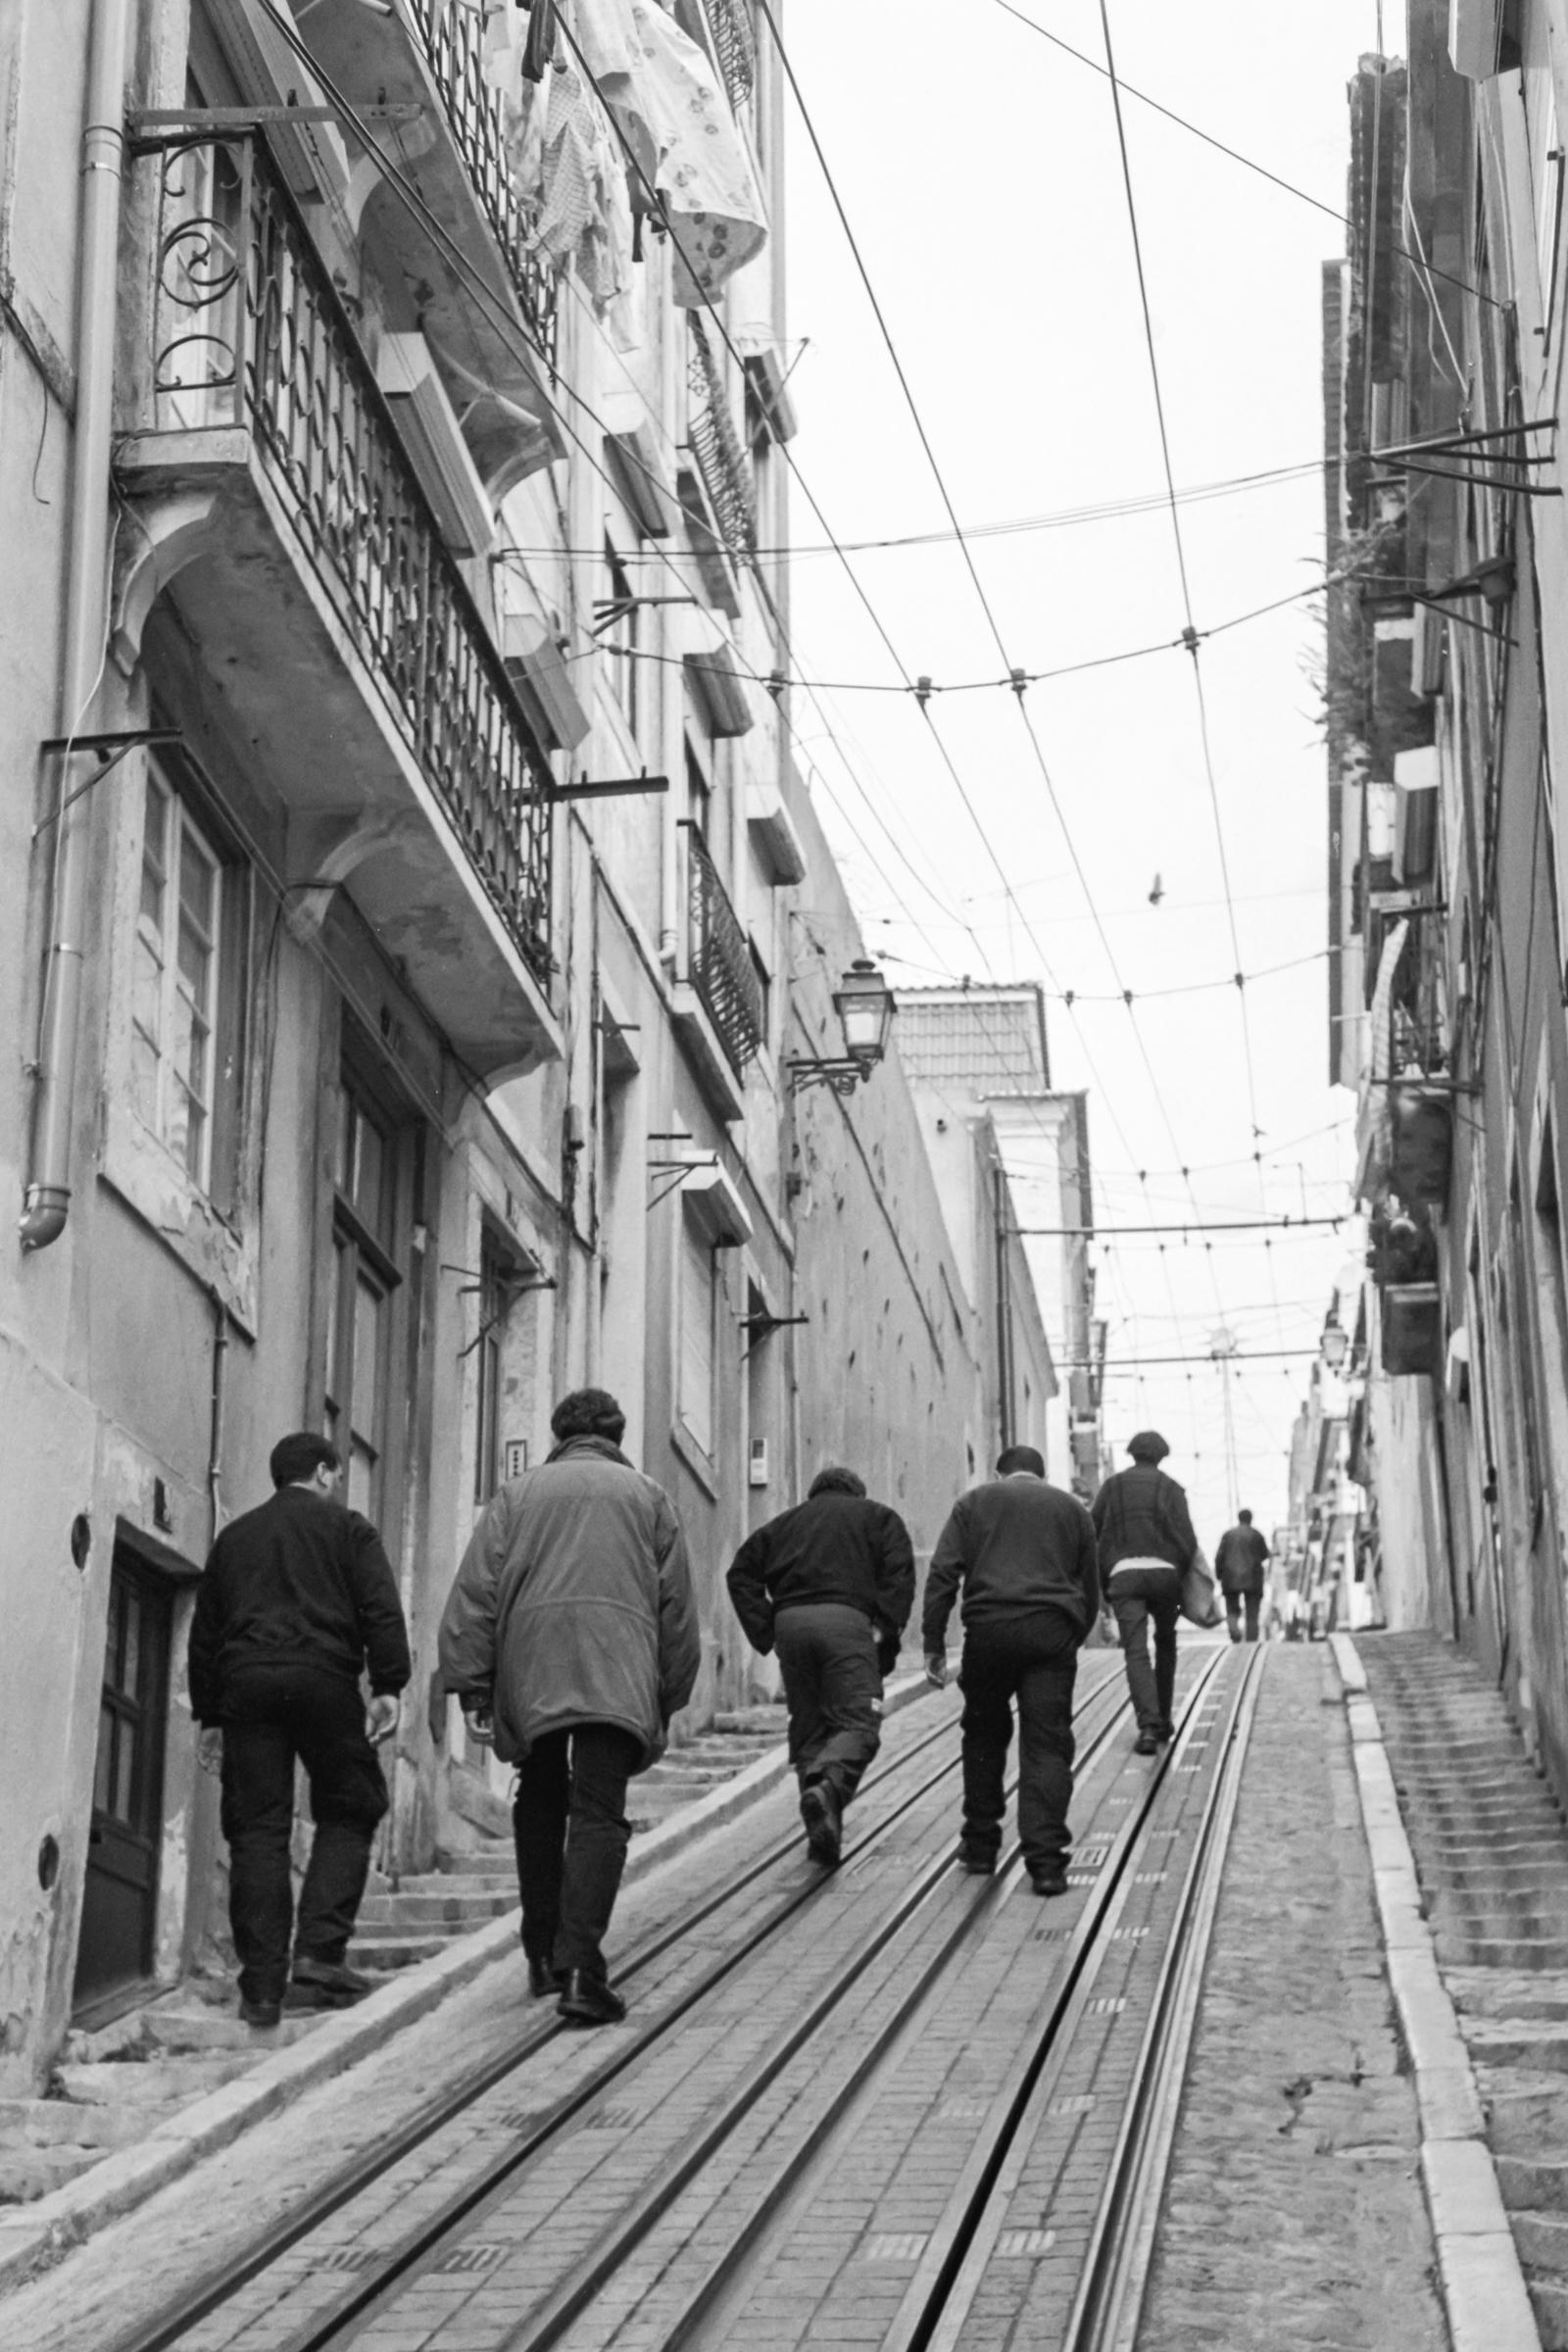 La montée, Lisbonne 2002